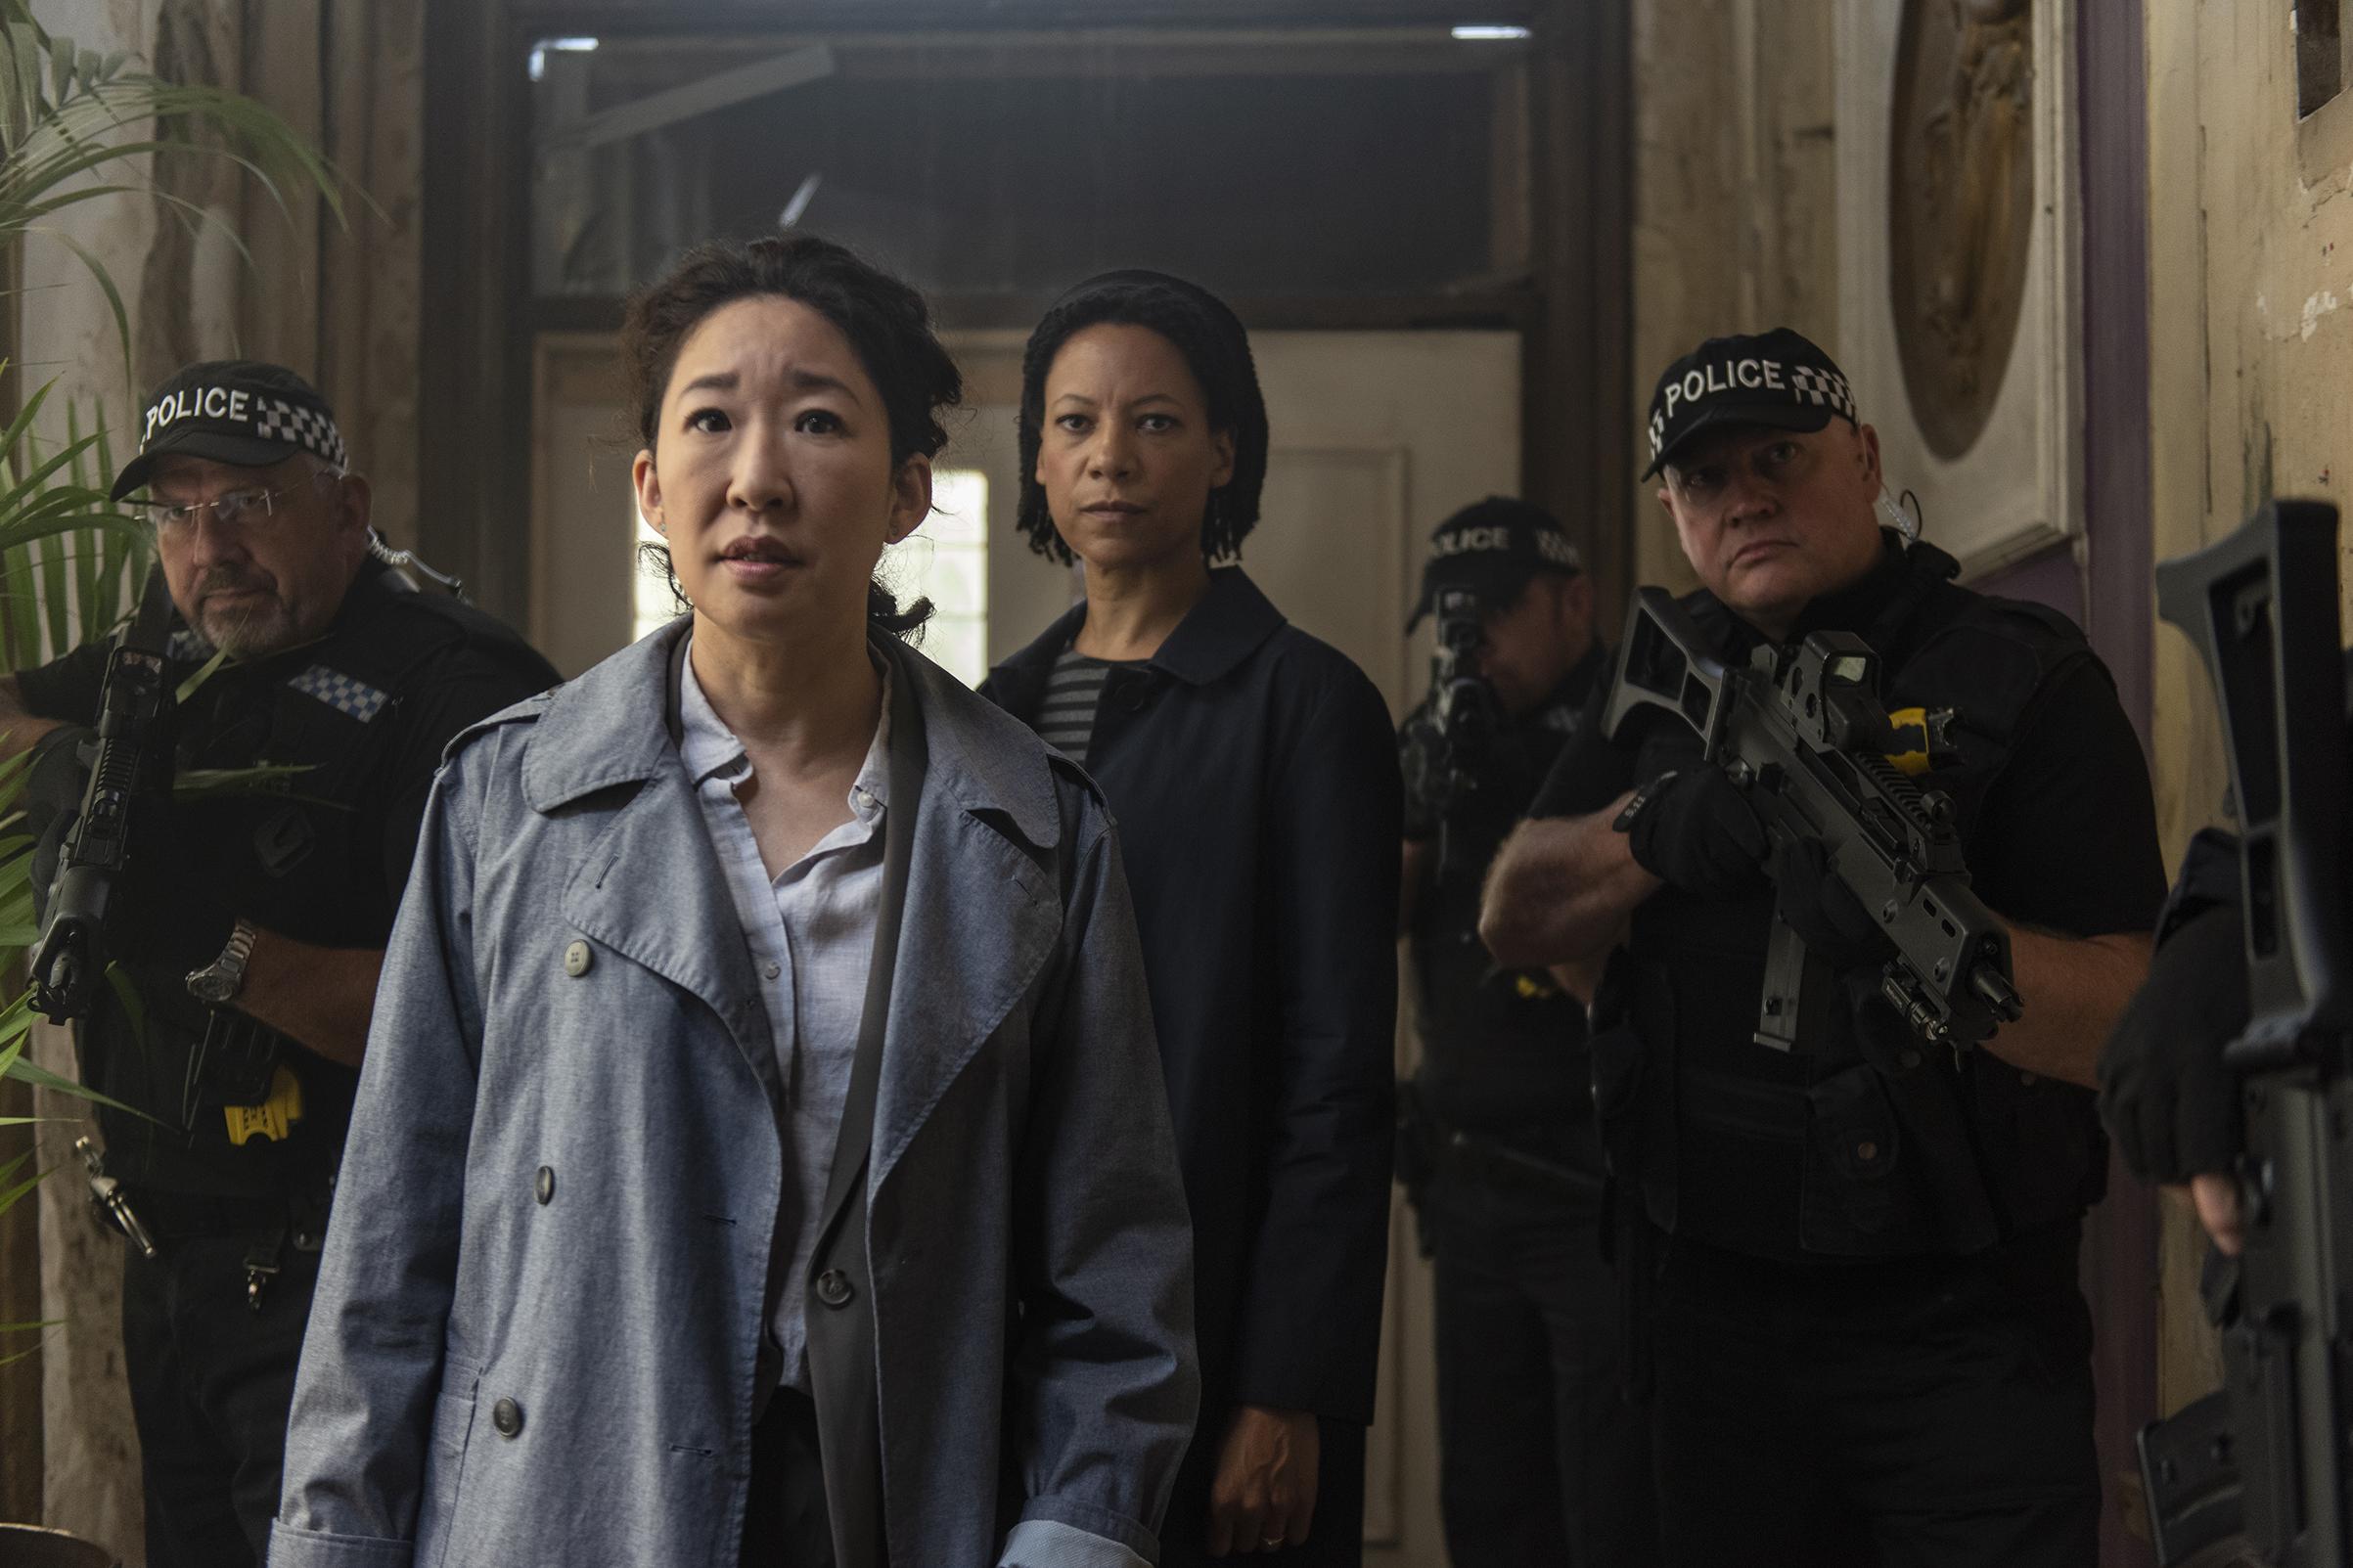 Sandra Oh as Eve Polastri and Nina Sosanya as Jess on the second season of Killing Eve